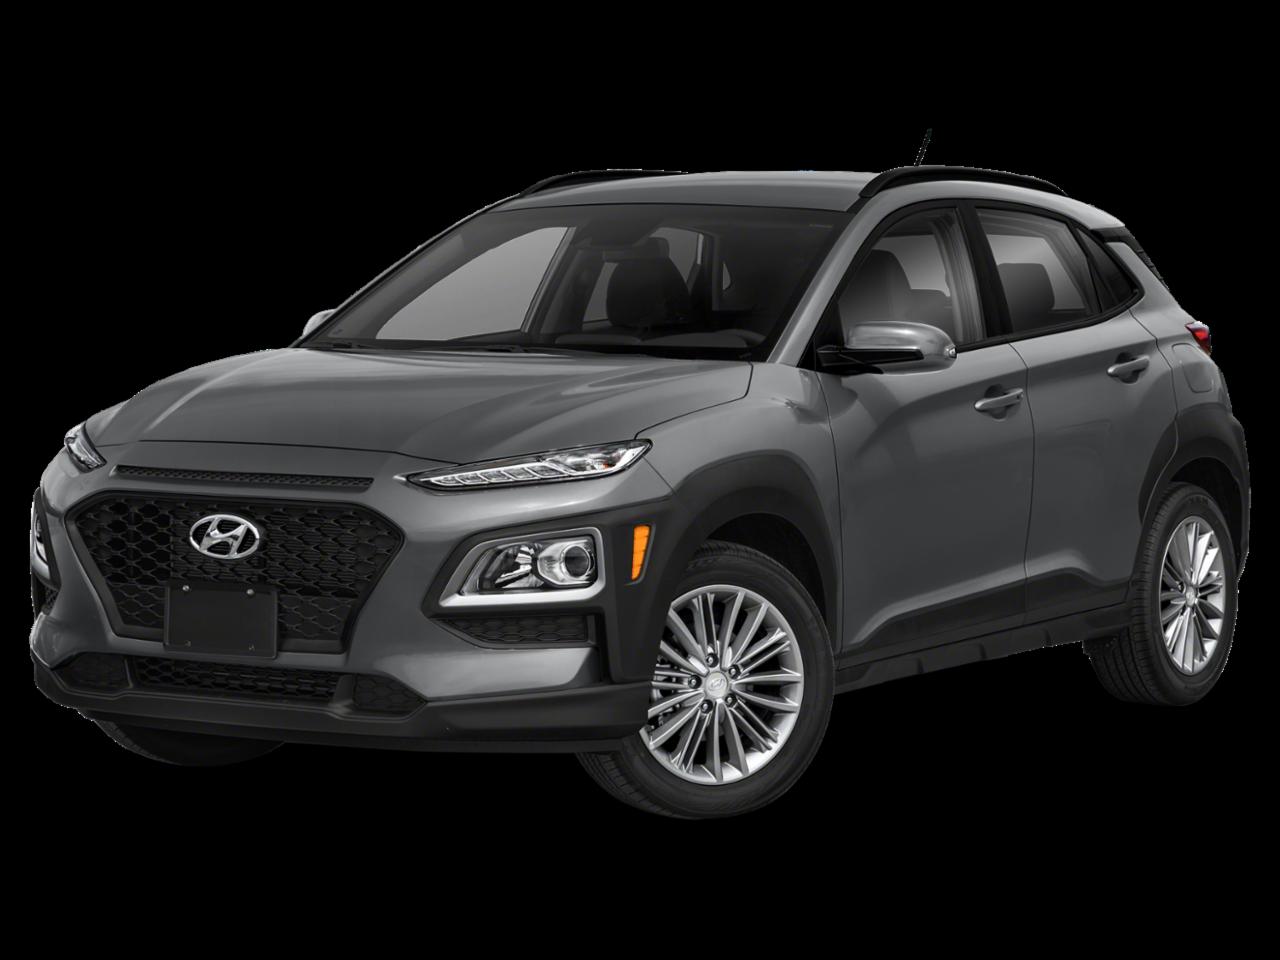 Hyundai 2019 Kona SE